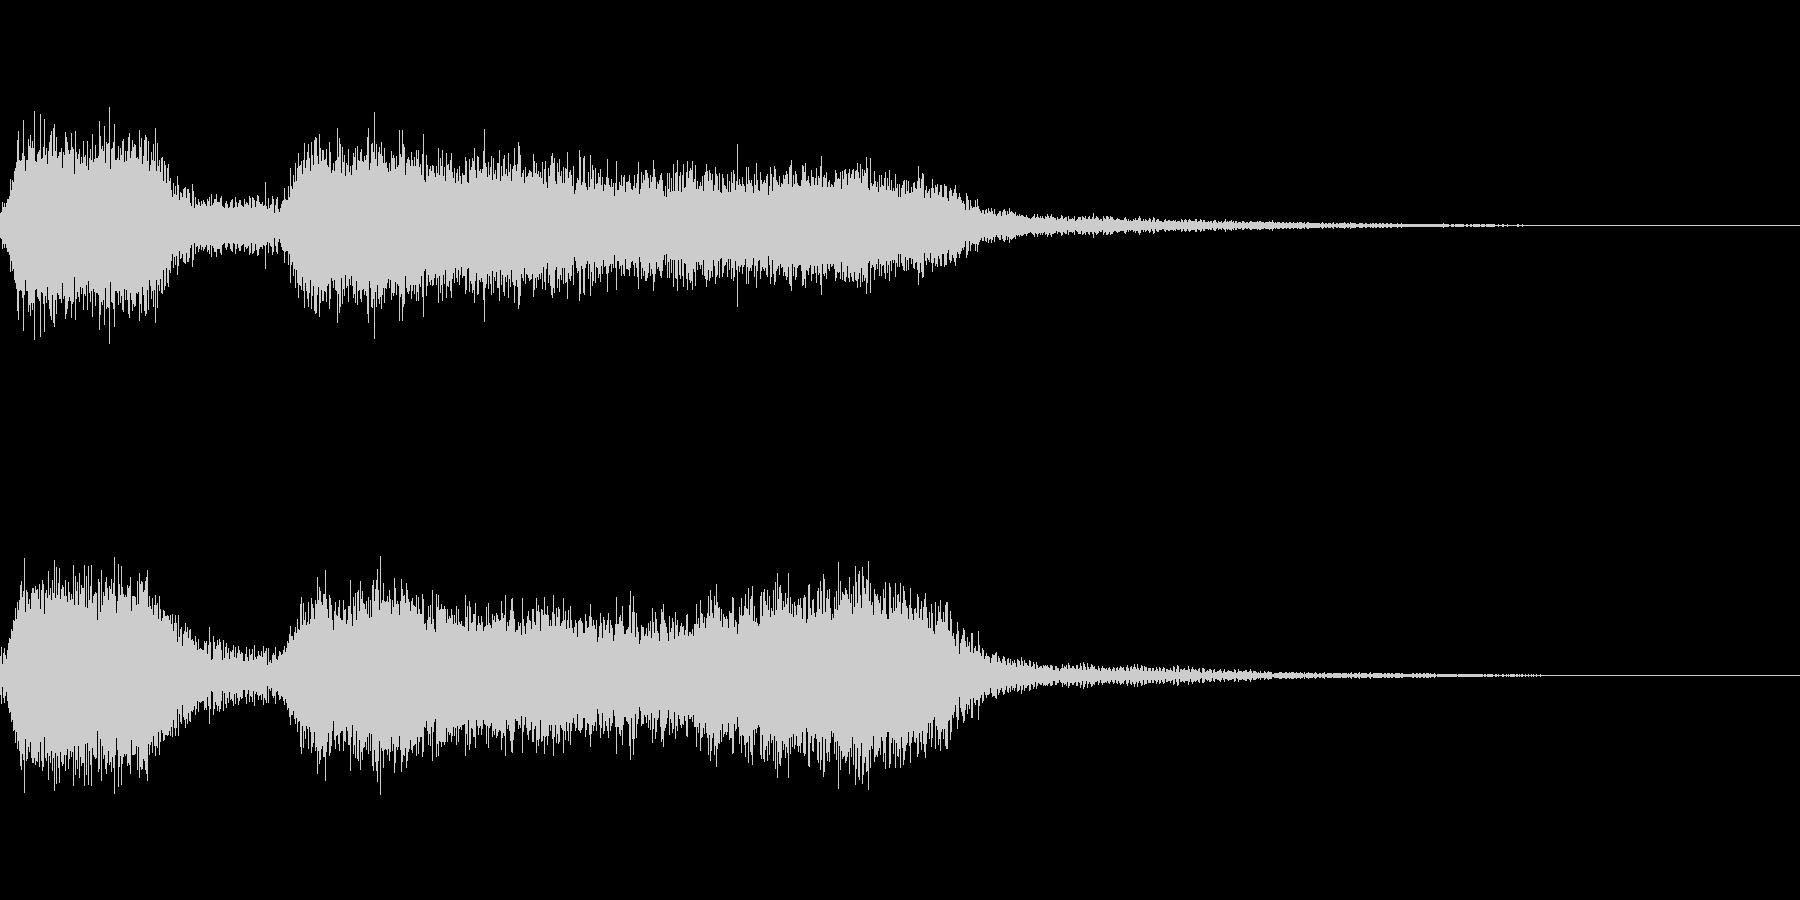 機関車 汽車などの汽笛の効果音 02の未再生の波形